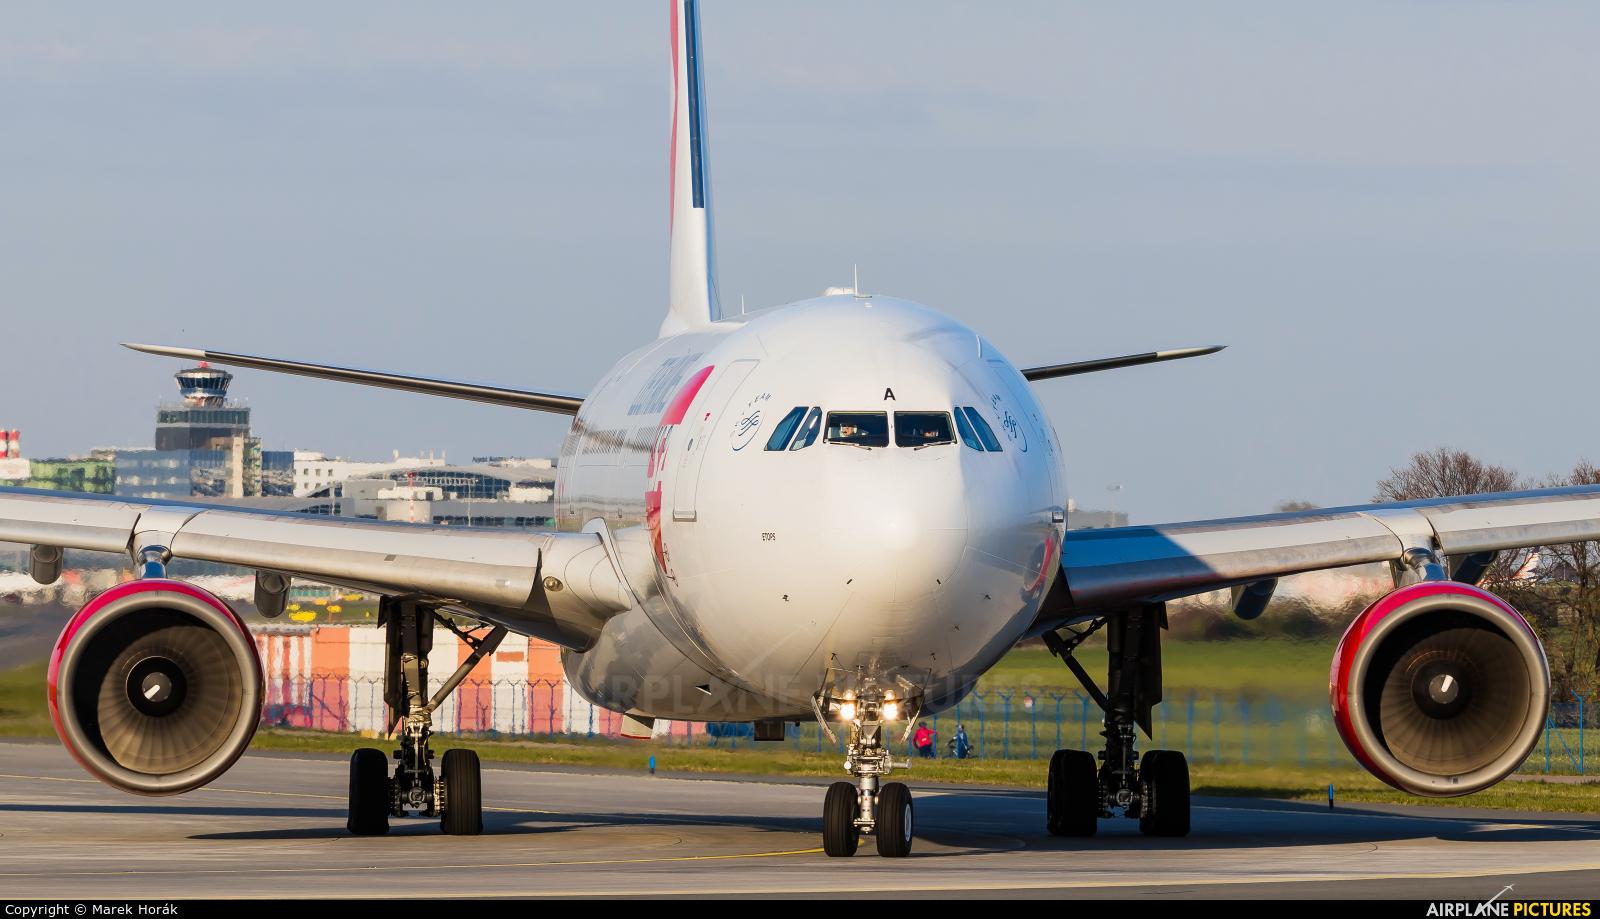 CSA - Czech Airlines OK-YBA aircraft at Prague - Václav Havel